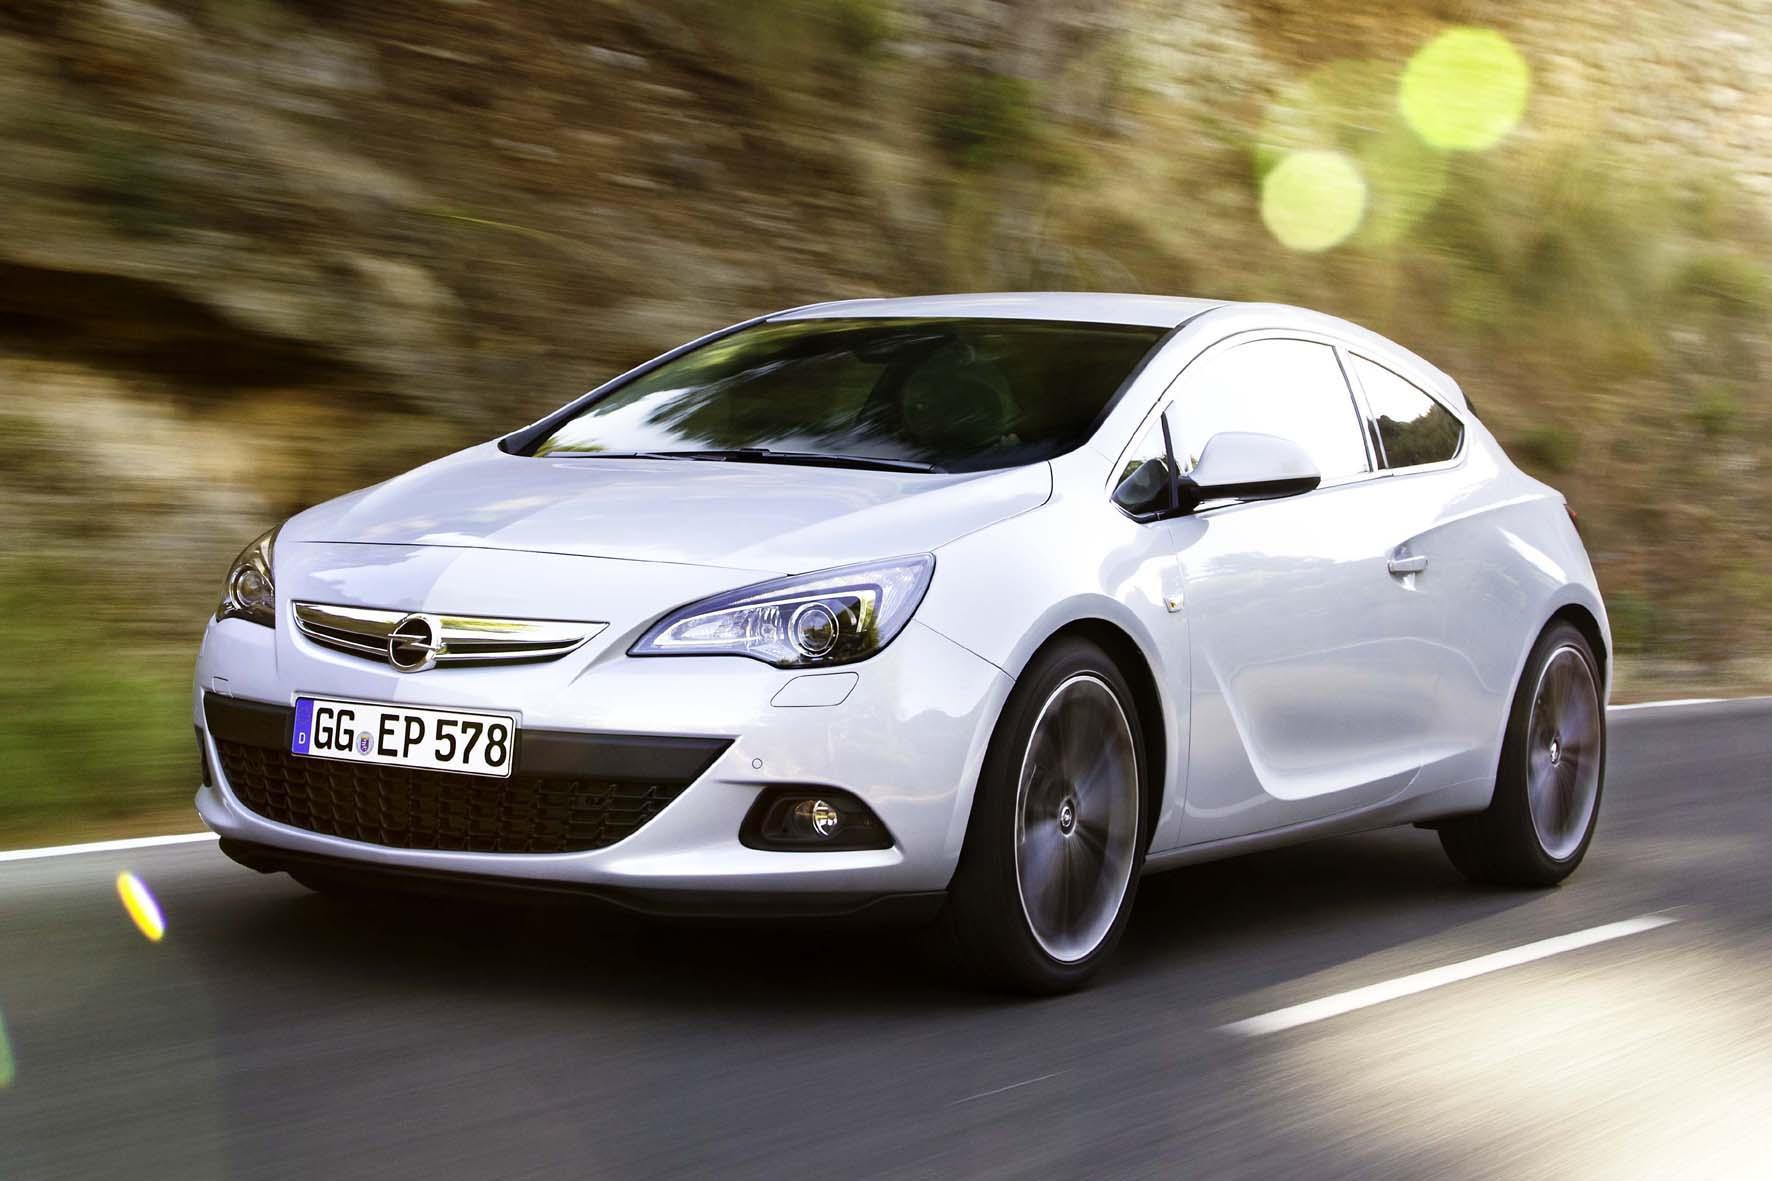 Fahraufnahme vom 2014er Opel Astra GTC in weiß